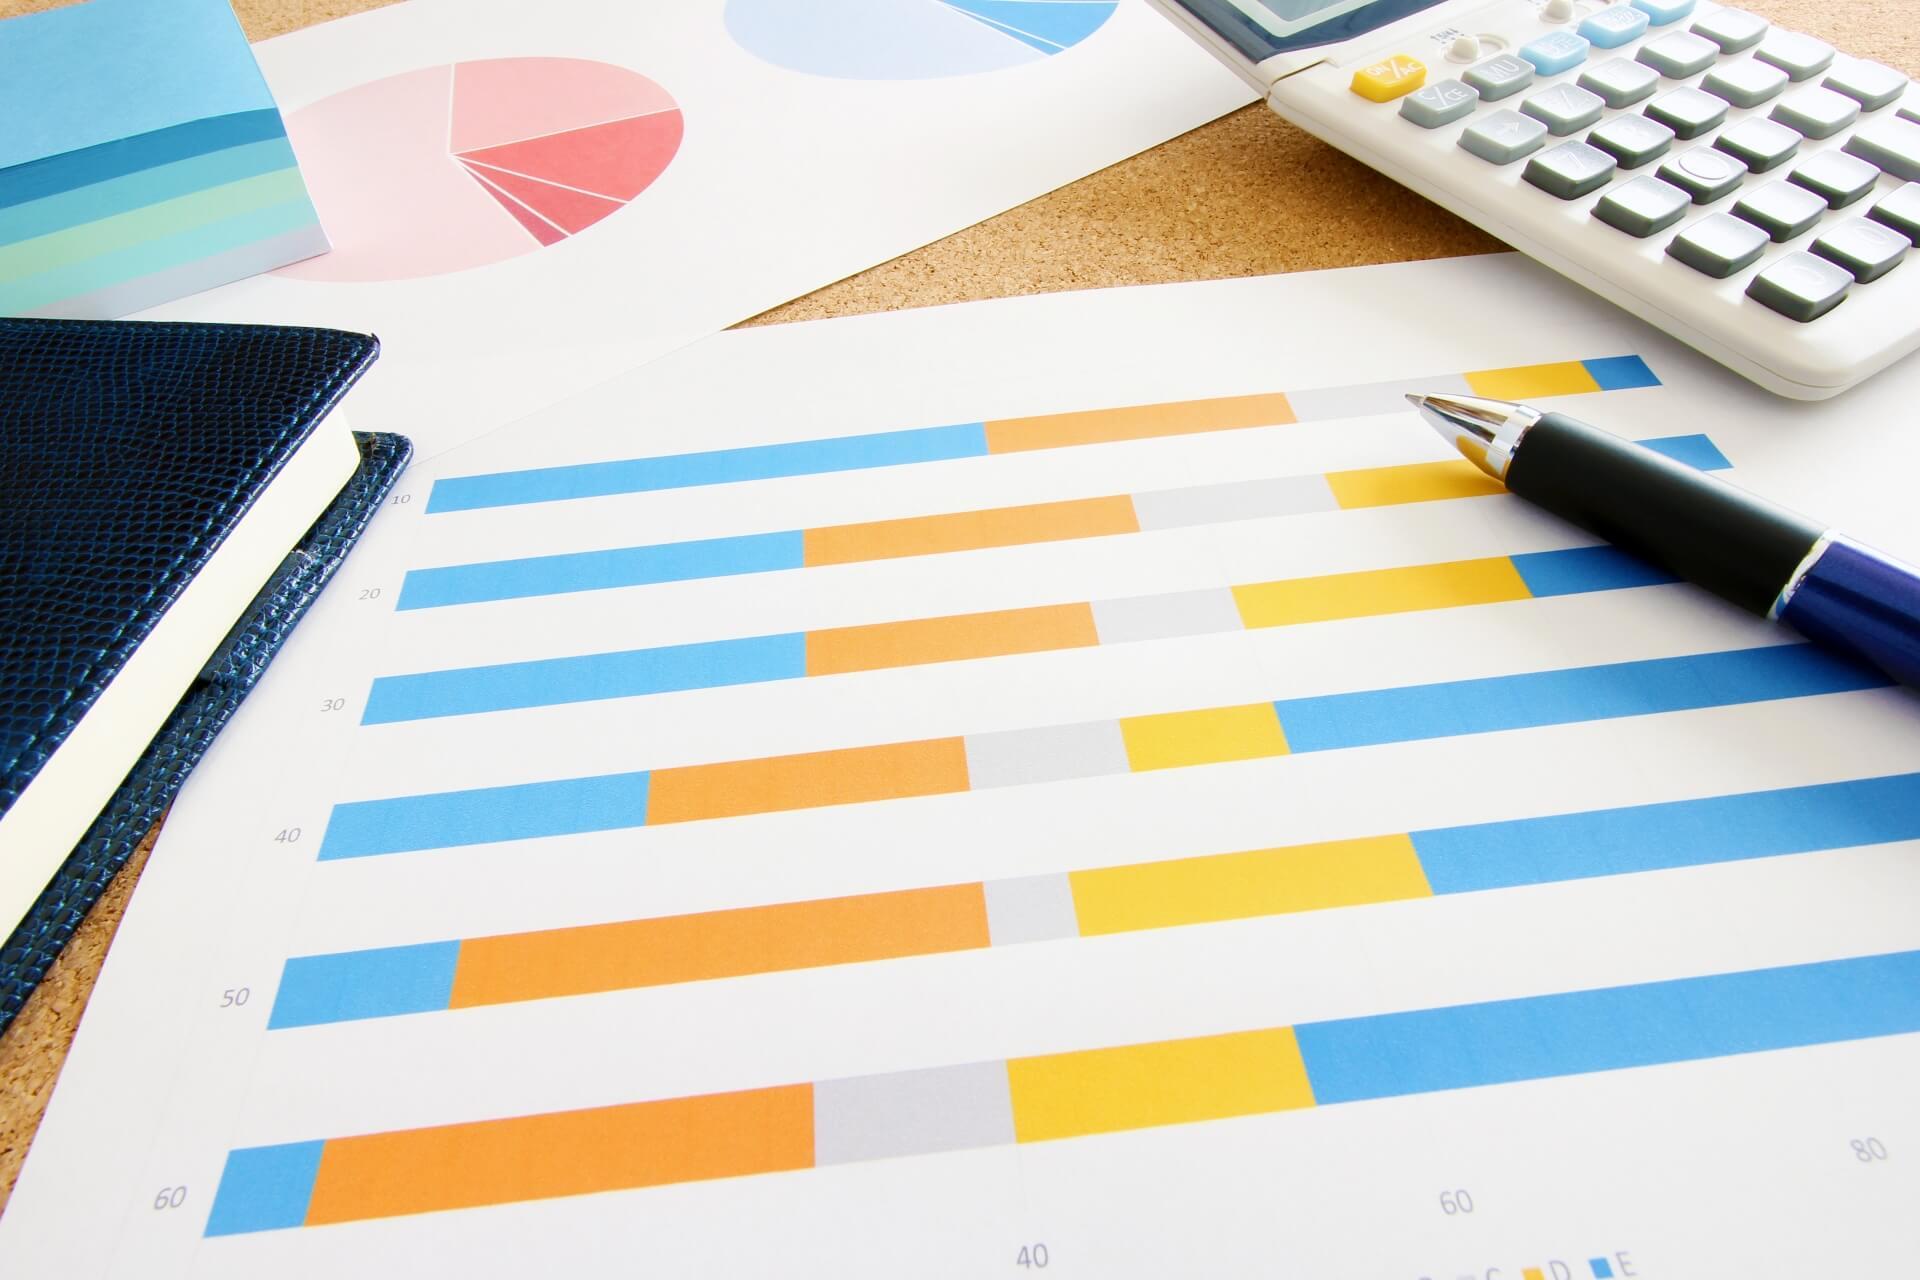 データ分析による解約防止・退会防止